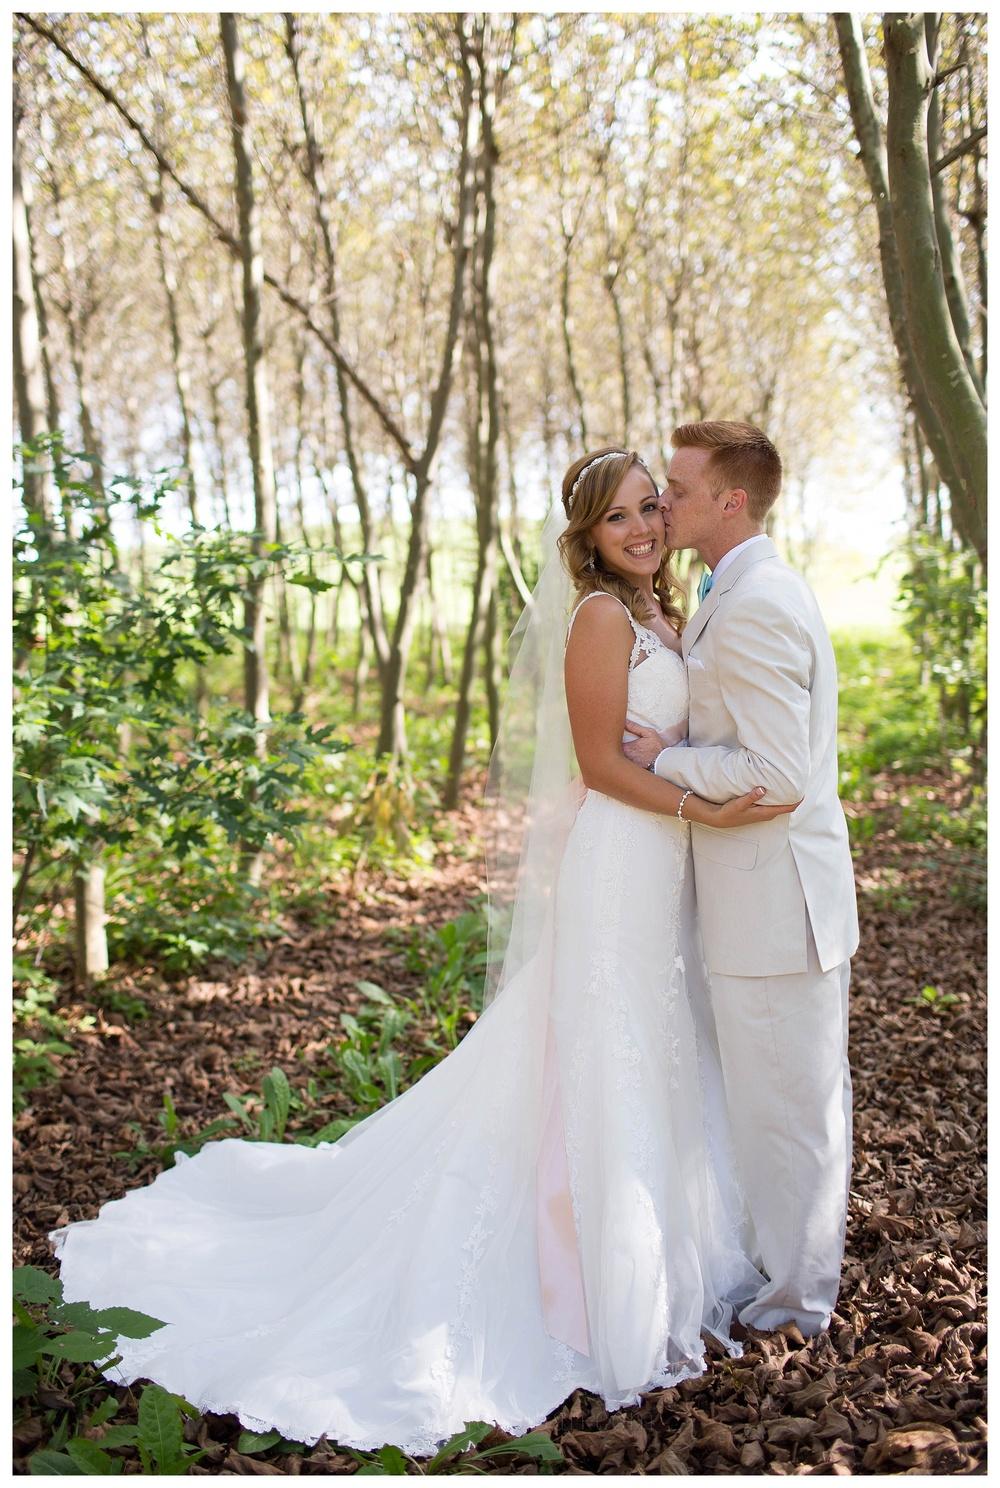 Nassau Valley Vineyard Wedding || Lewes, DE Wedding || Vineyard Wedding || Ashley Eiban Photography || www.ashleyeiban.com